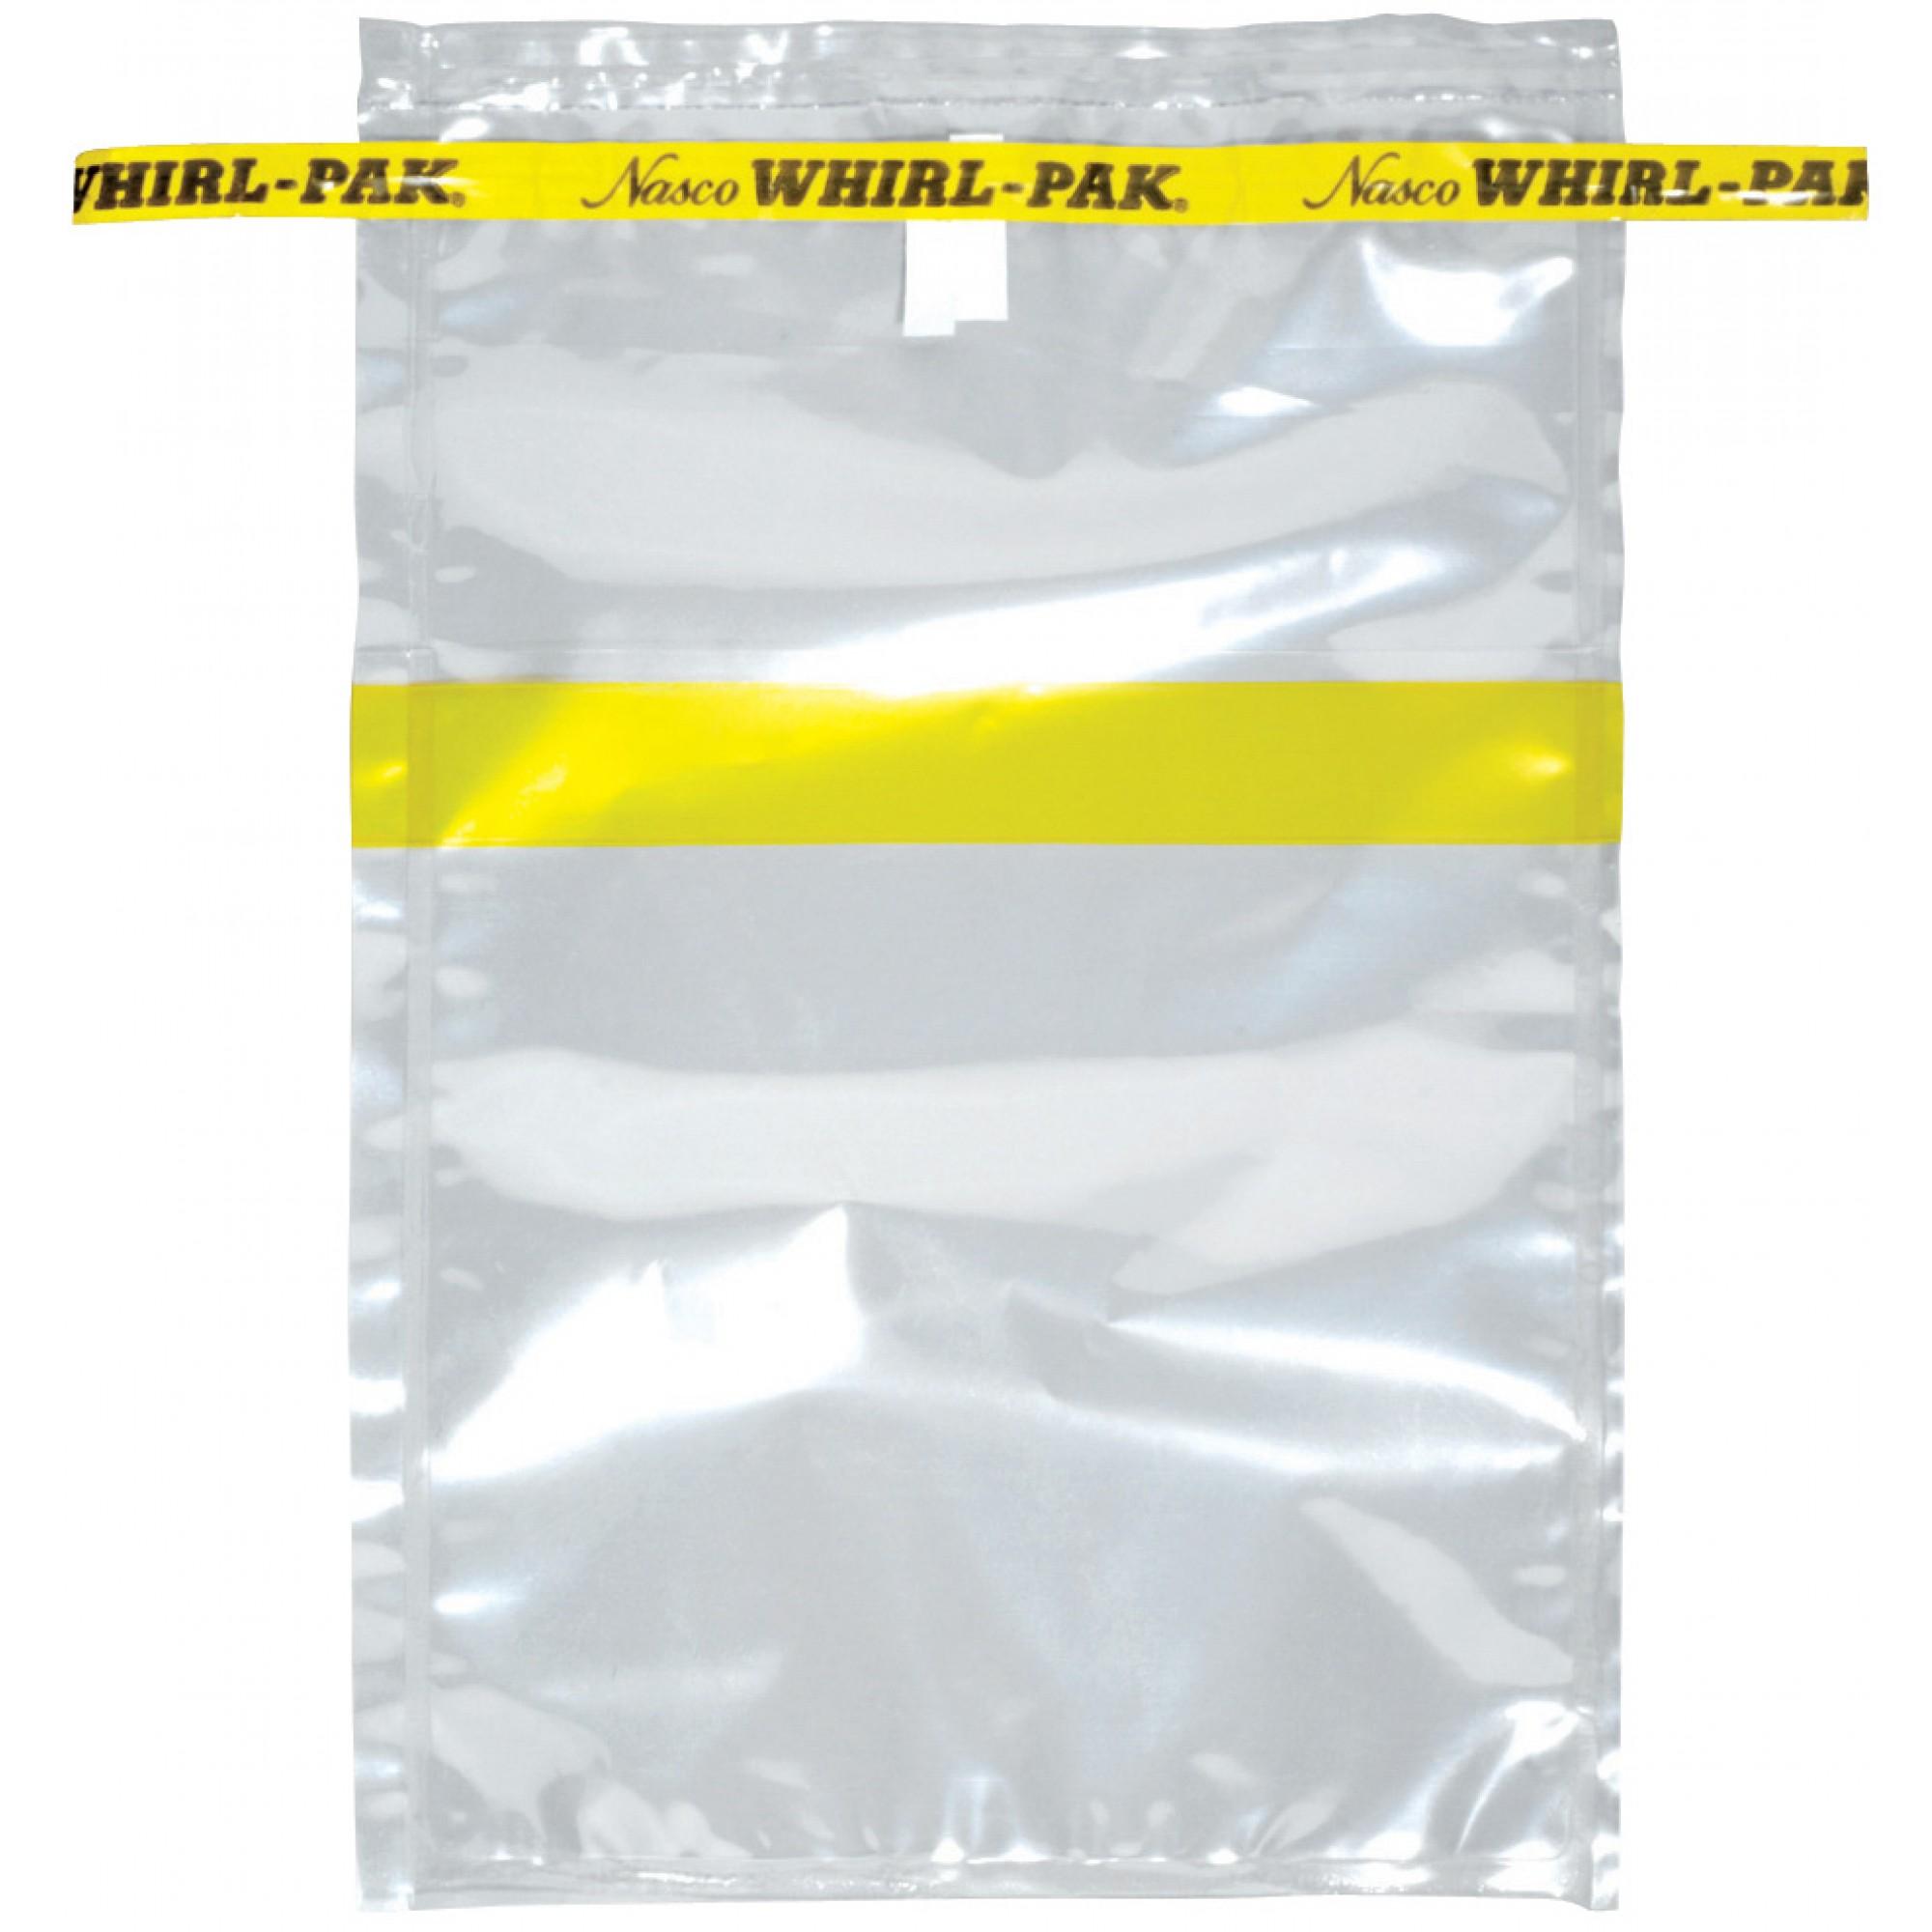 Специальные стерильные пакеты для отбора проб Whirl Pak (710 мл)